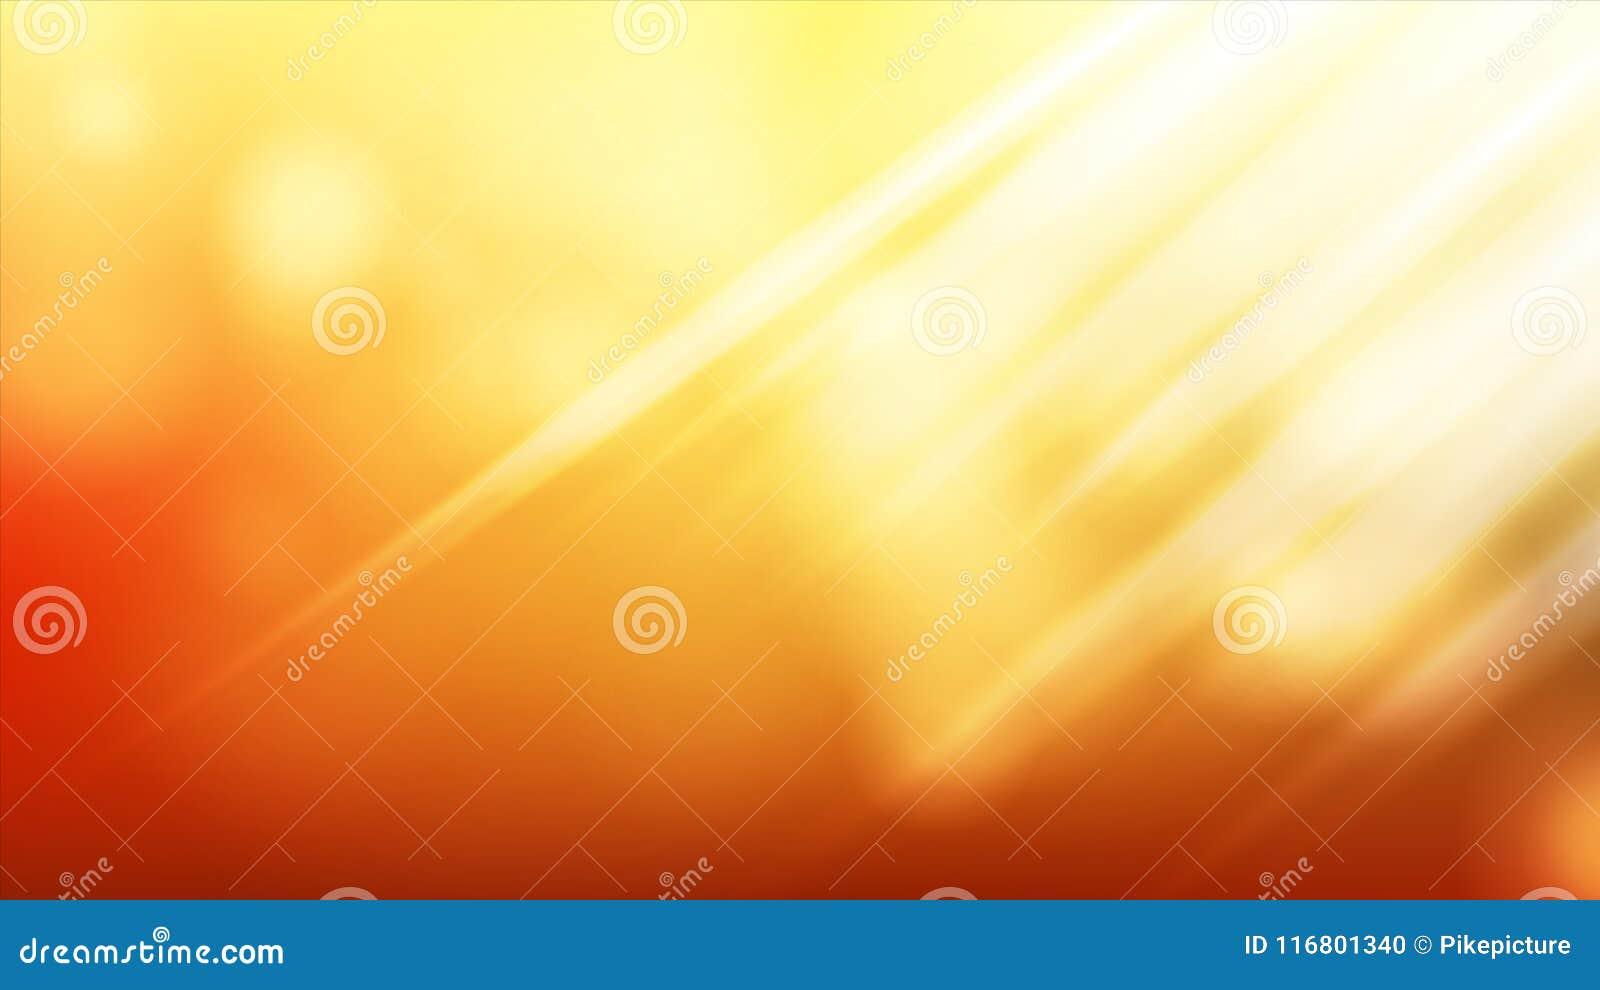 Vettore del fondo di luce solare Progettazione realistica della sfuocatura Chiarore molle Contesto del sole Illustrazione